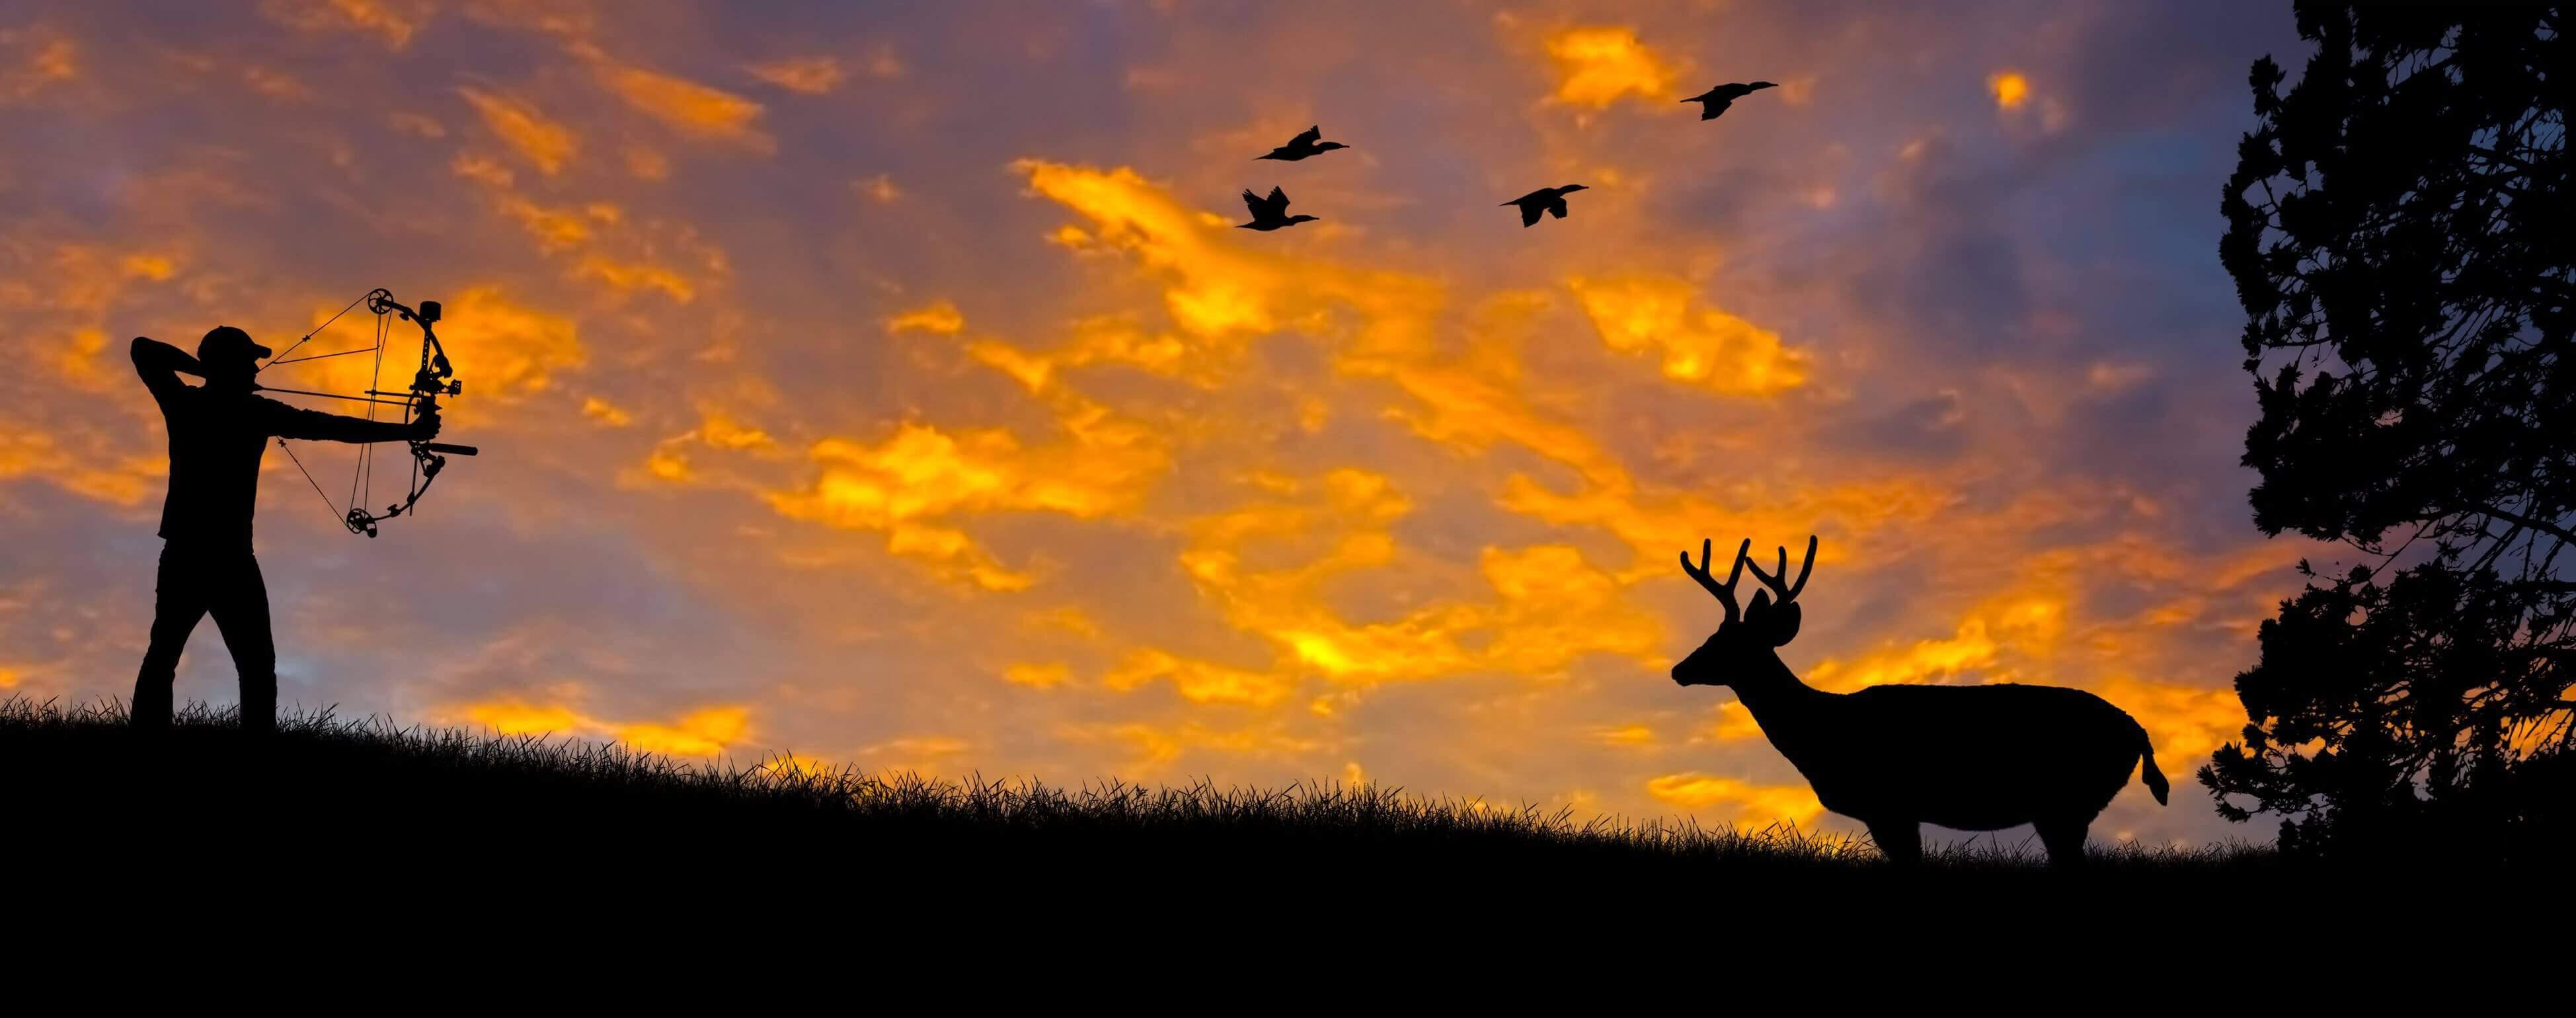 Hunting-seeker.jpg